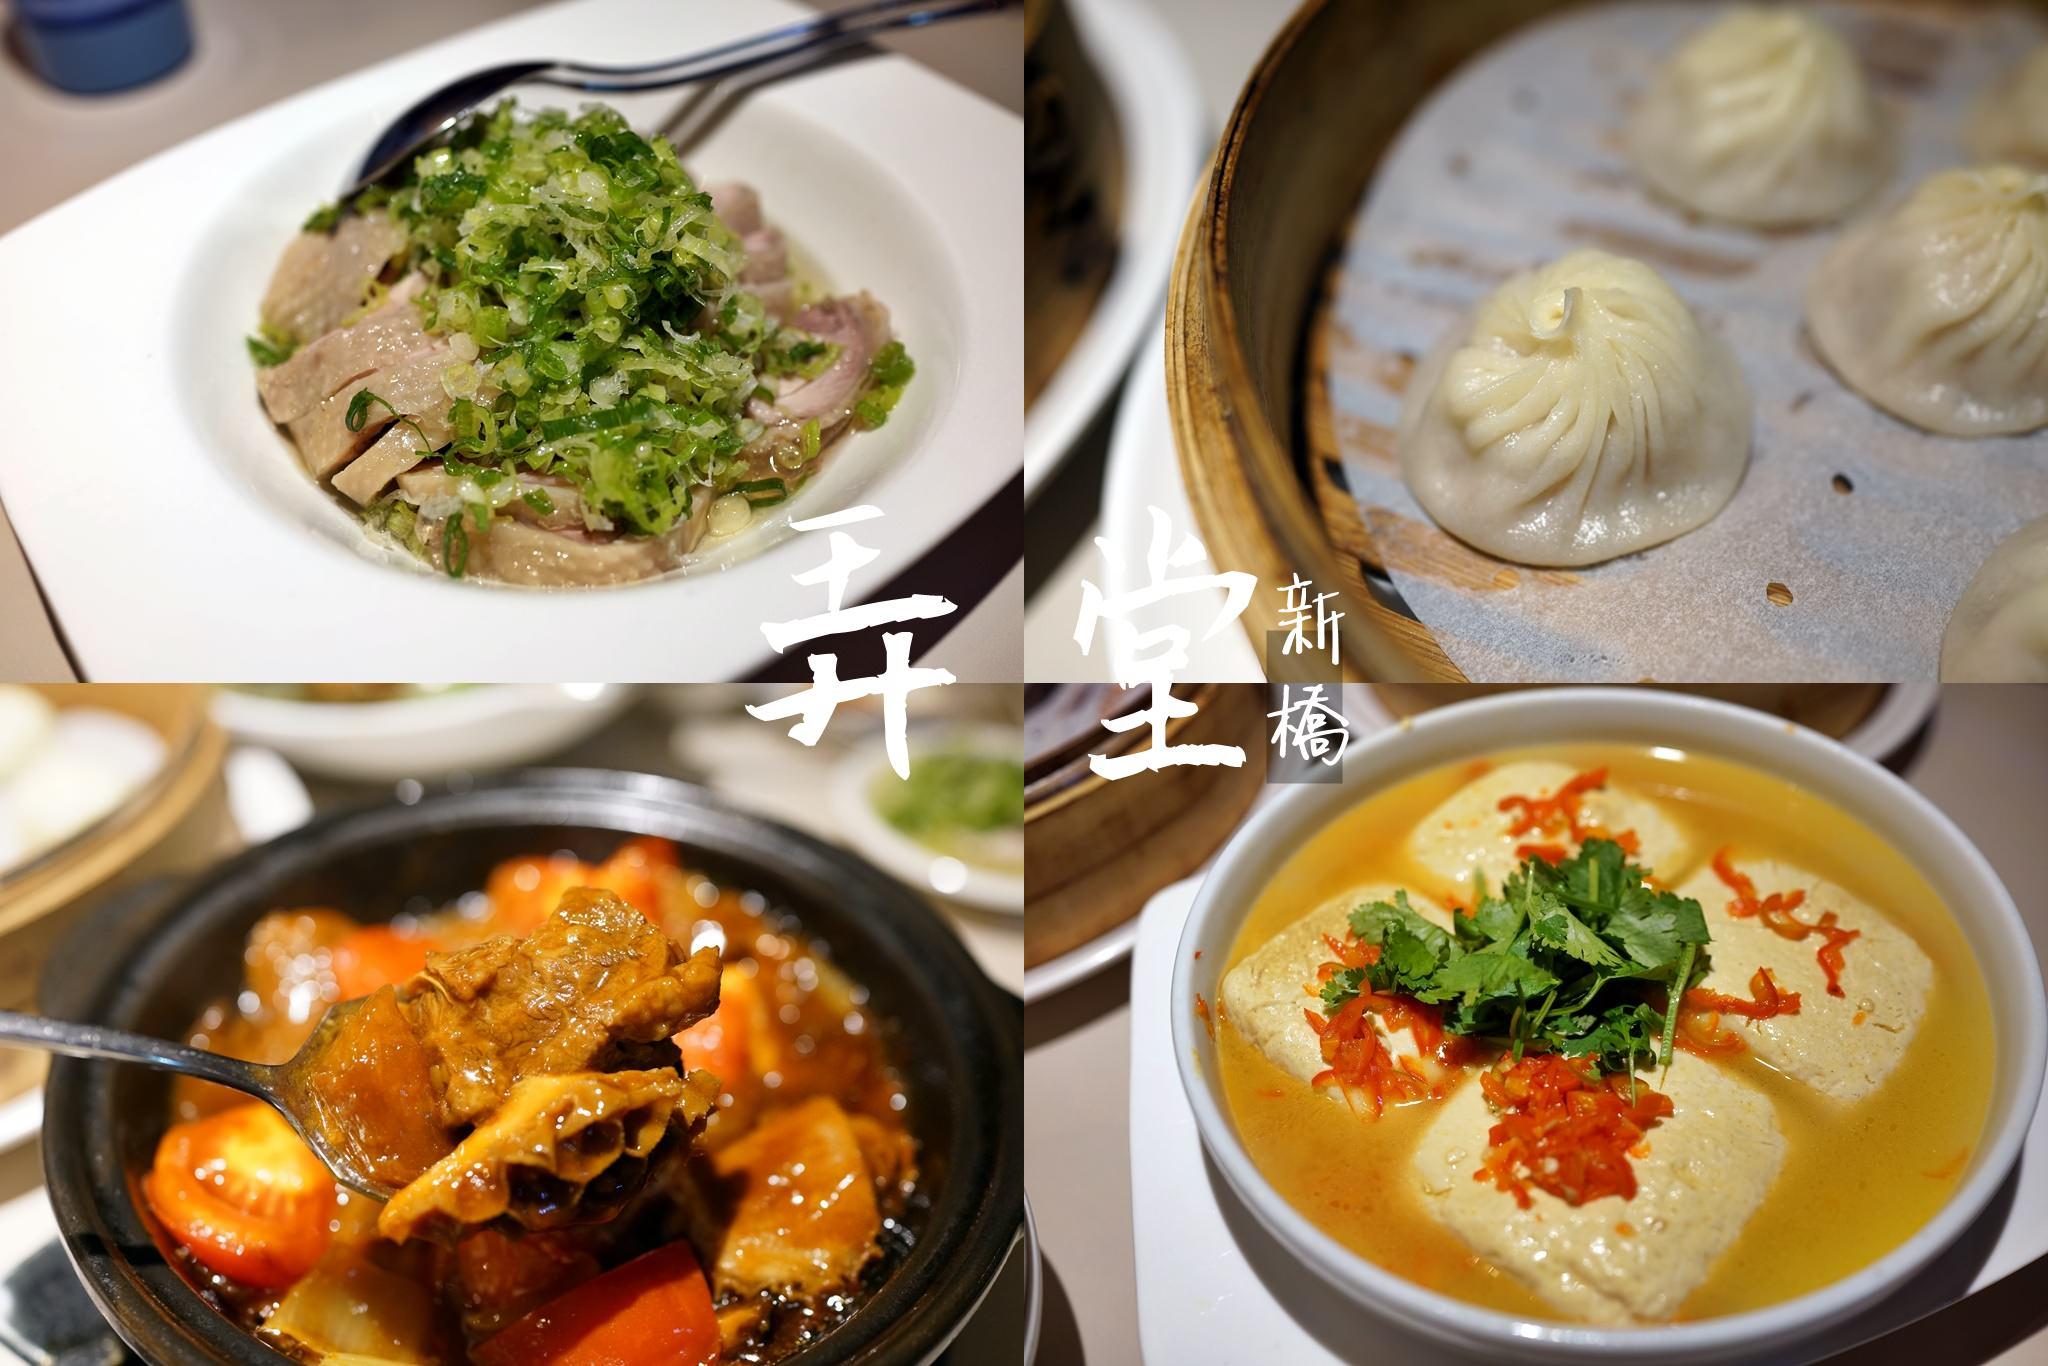 新竹美食│新橋弄堂 私房中華料理。一道道用心的料理‧新竹市區聚餐推薦!